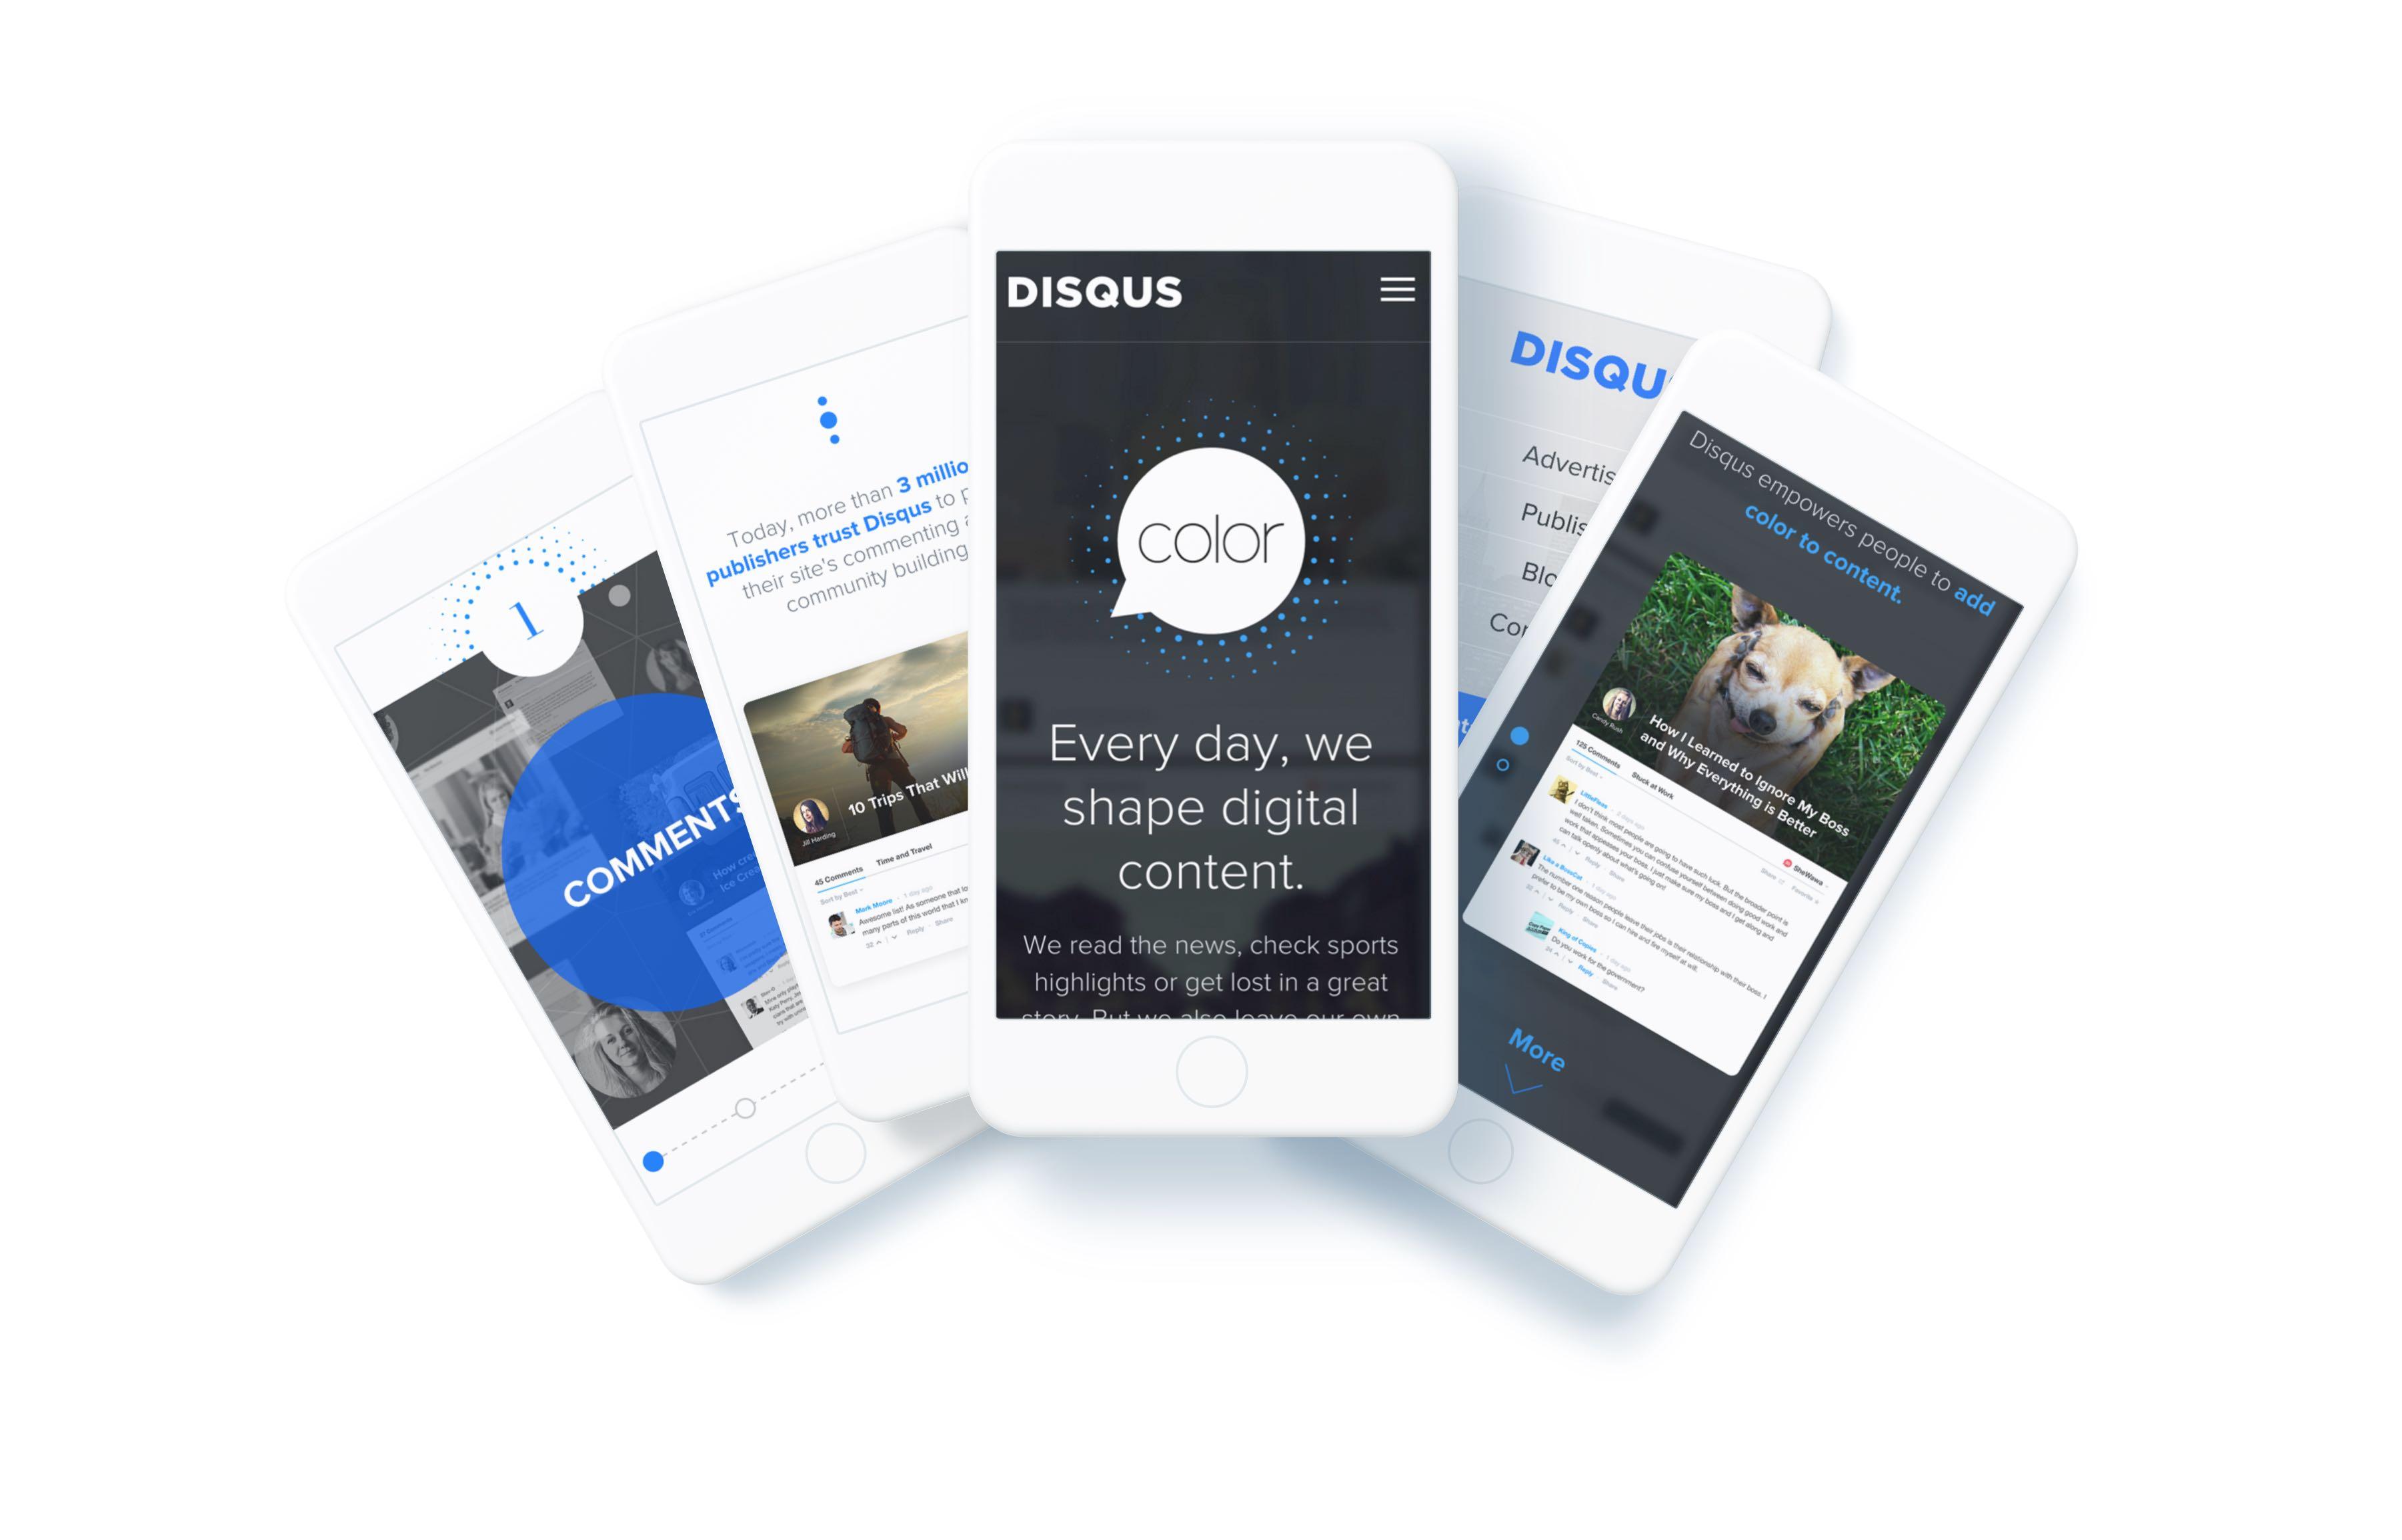 Disqus website shown on mobile devides